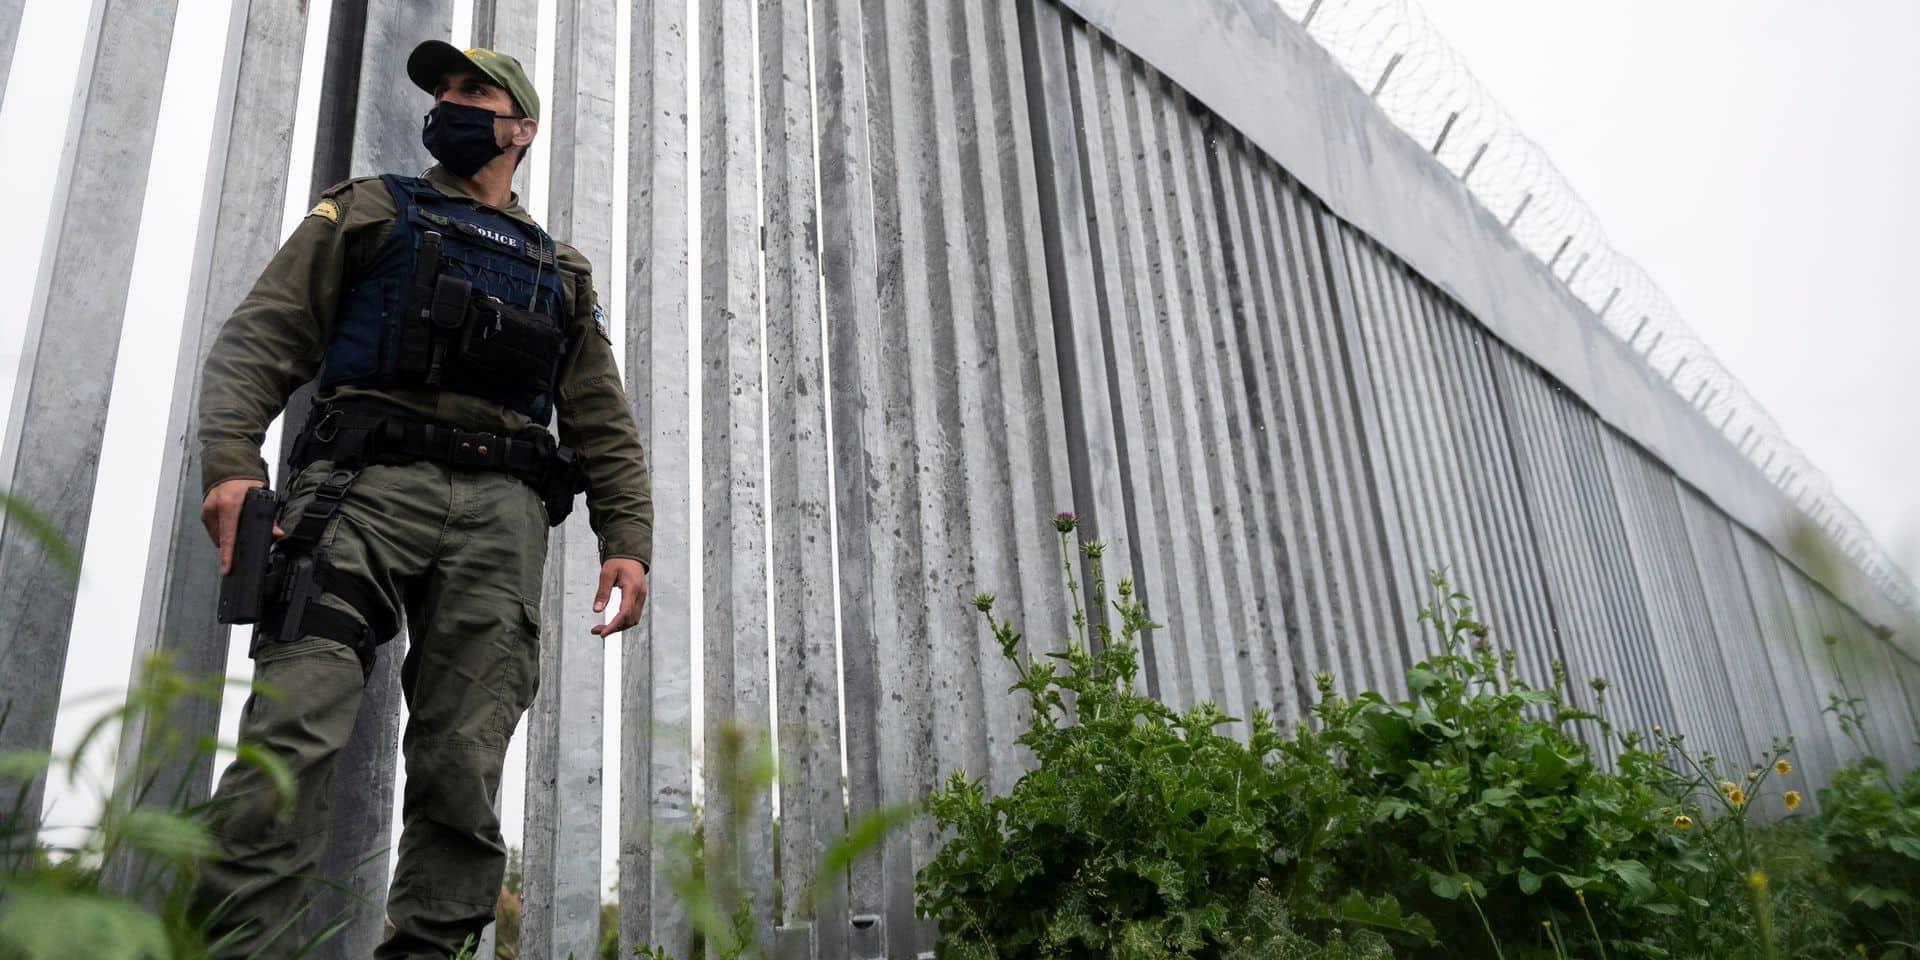 """La Grèce teste un """"canon sonore"""" pour repousser les migrants aux frontières européennes: l'essai crée la polémique dans la sphère politique"""